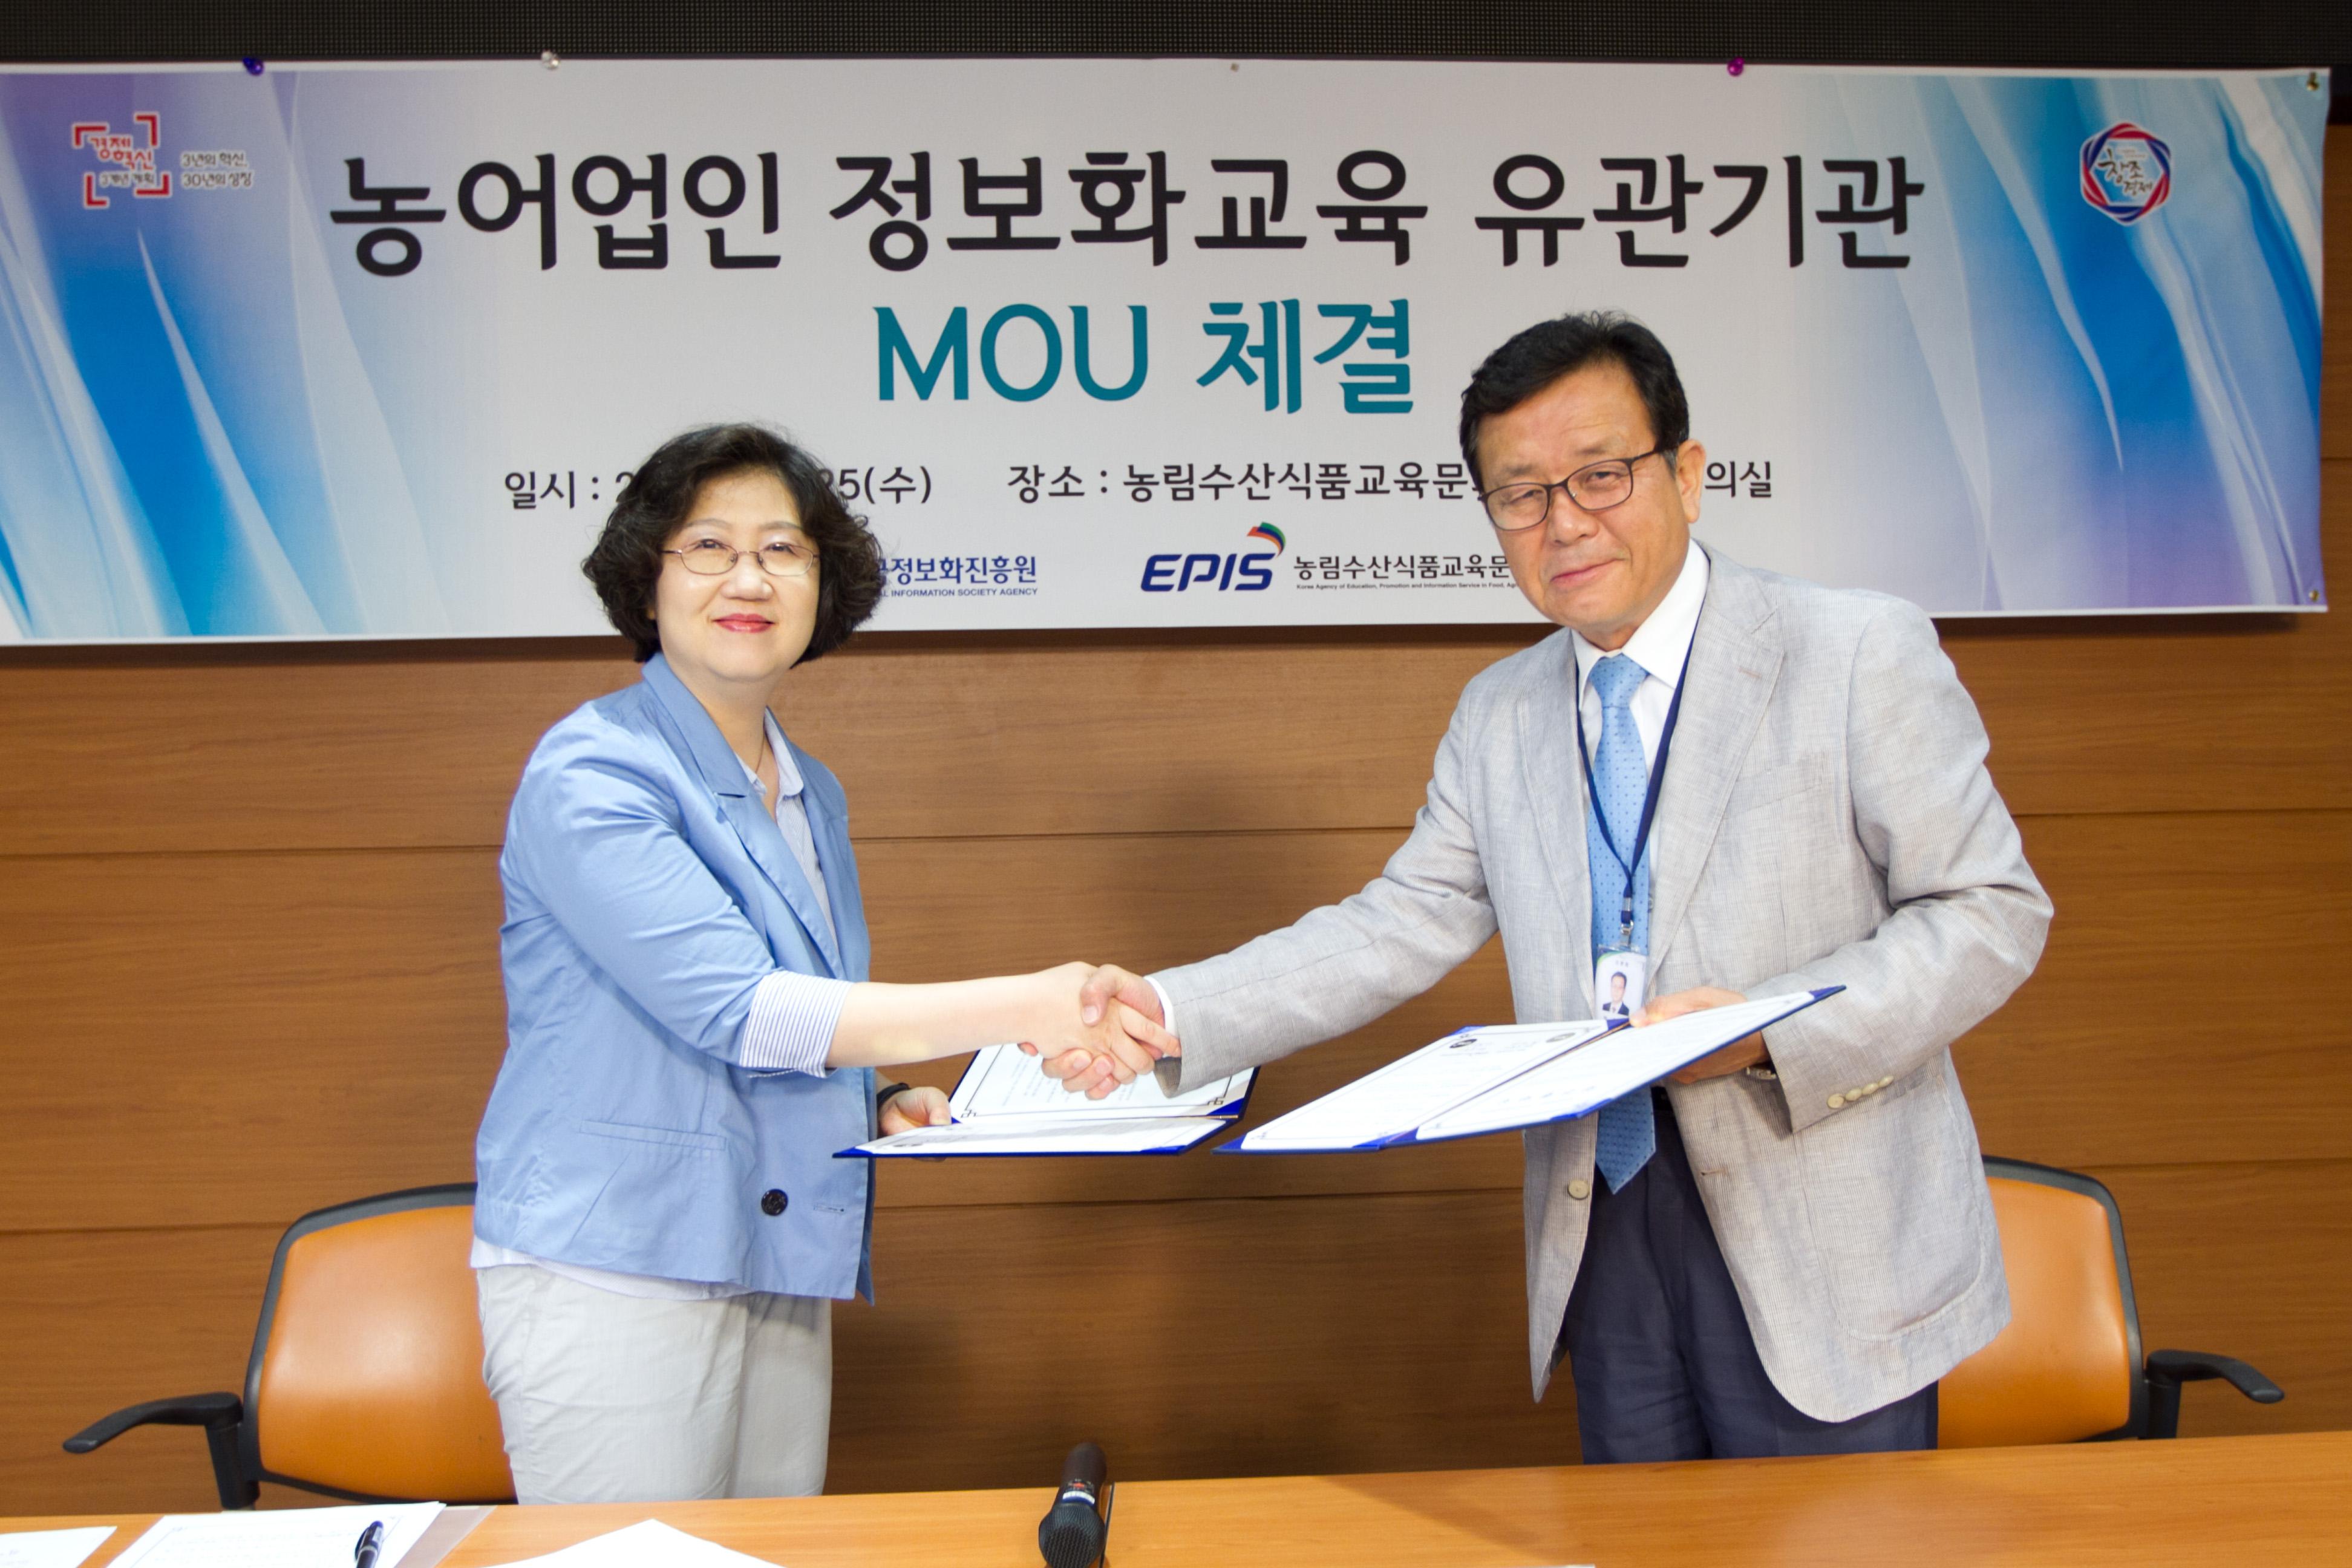 농정원·한국정보화진흥원, 농업인 정보역량강화를 위한 업무협약 체결